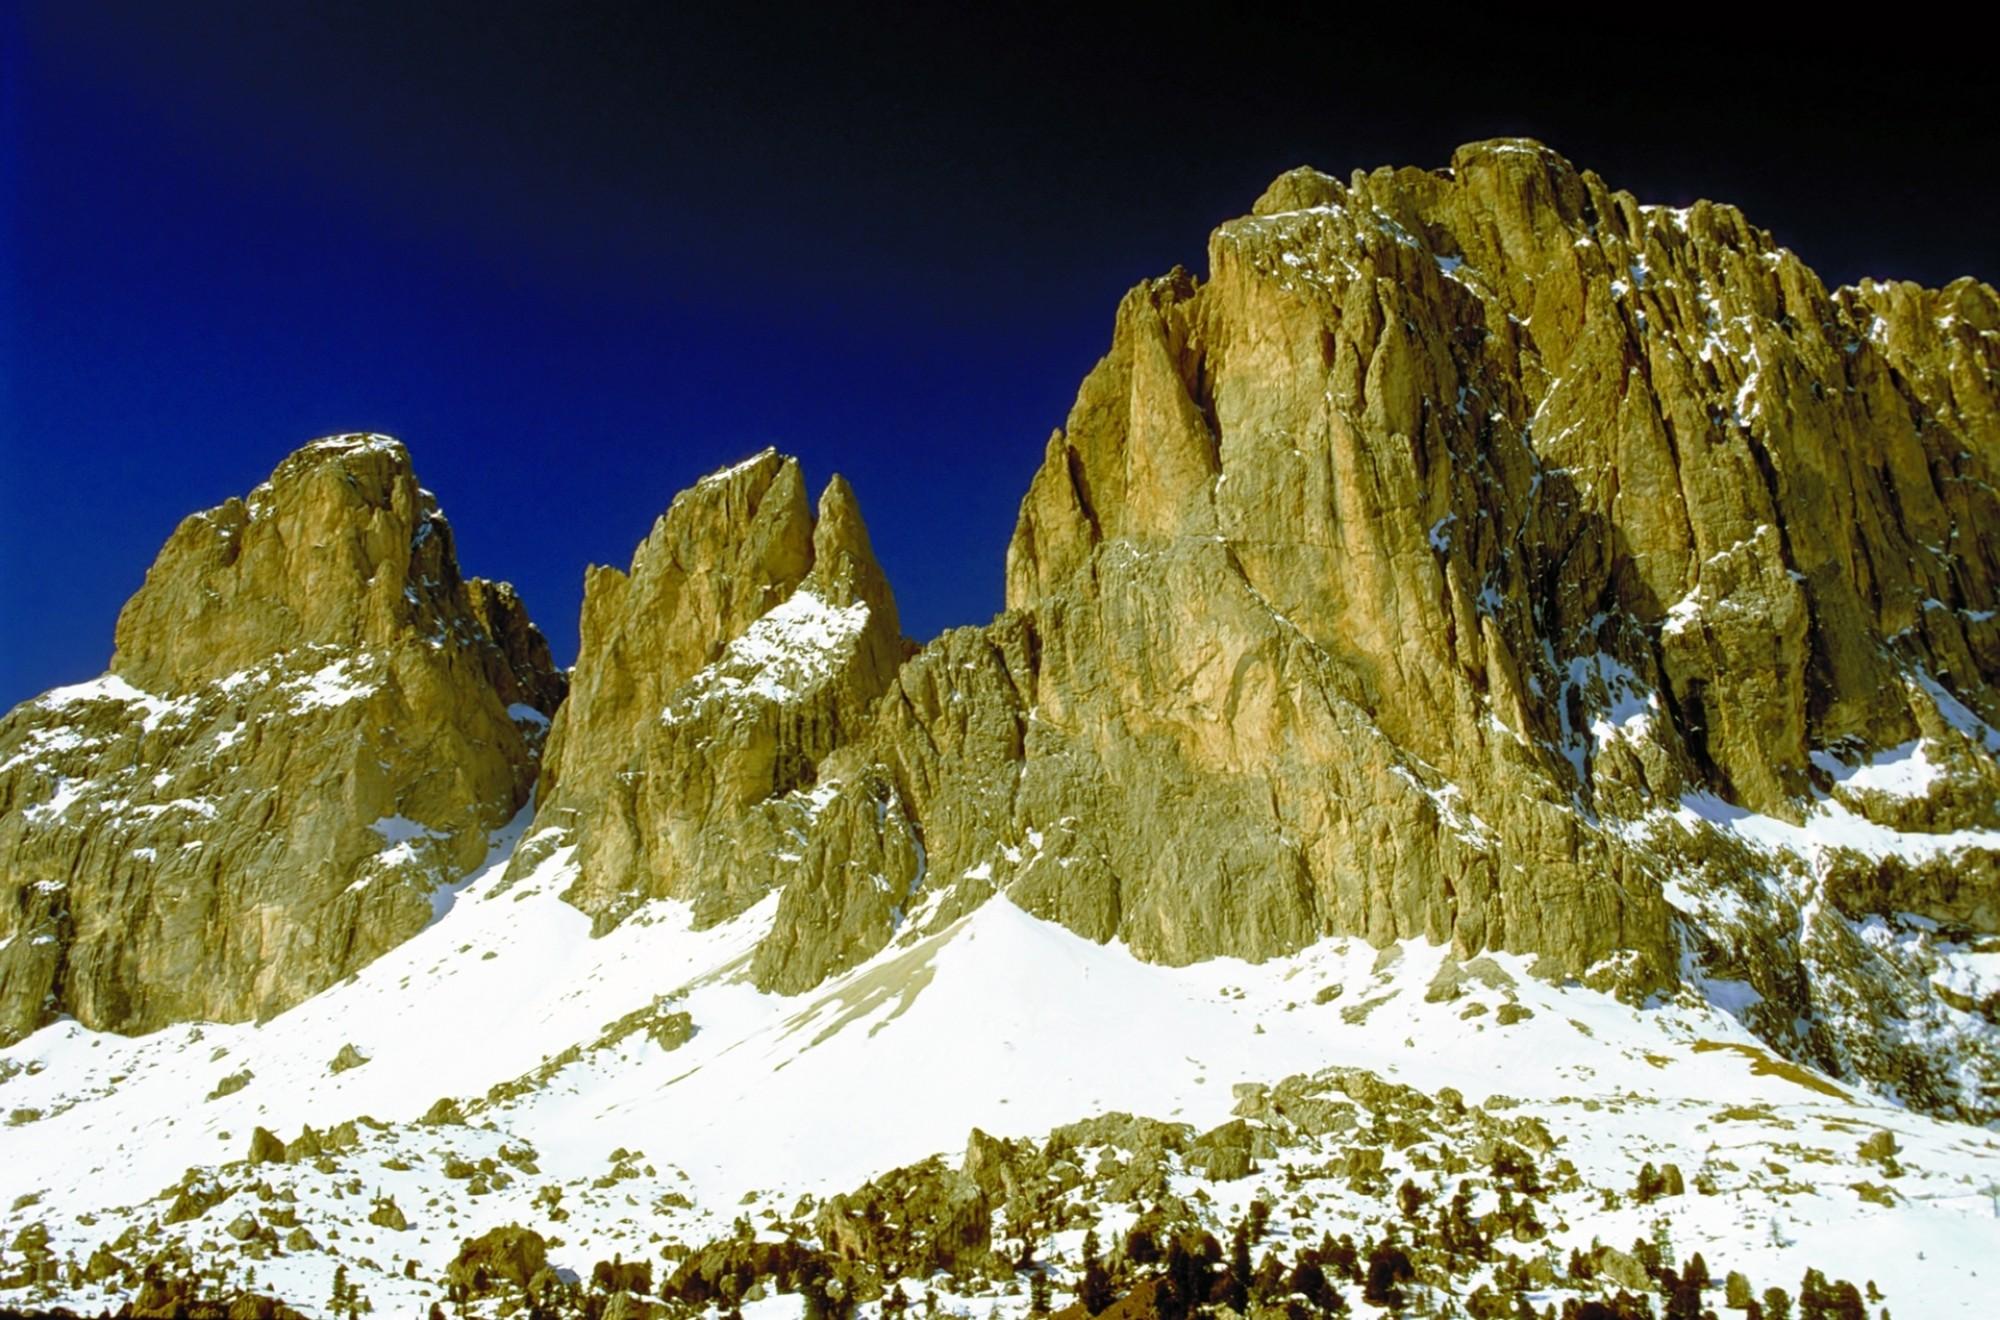 Dolomites-mountain- -Fototeca-ENIT-Vito-Arcomano